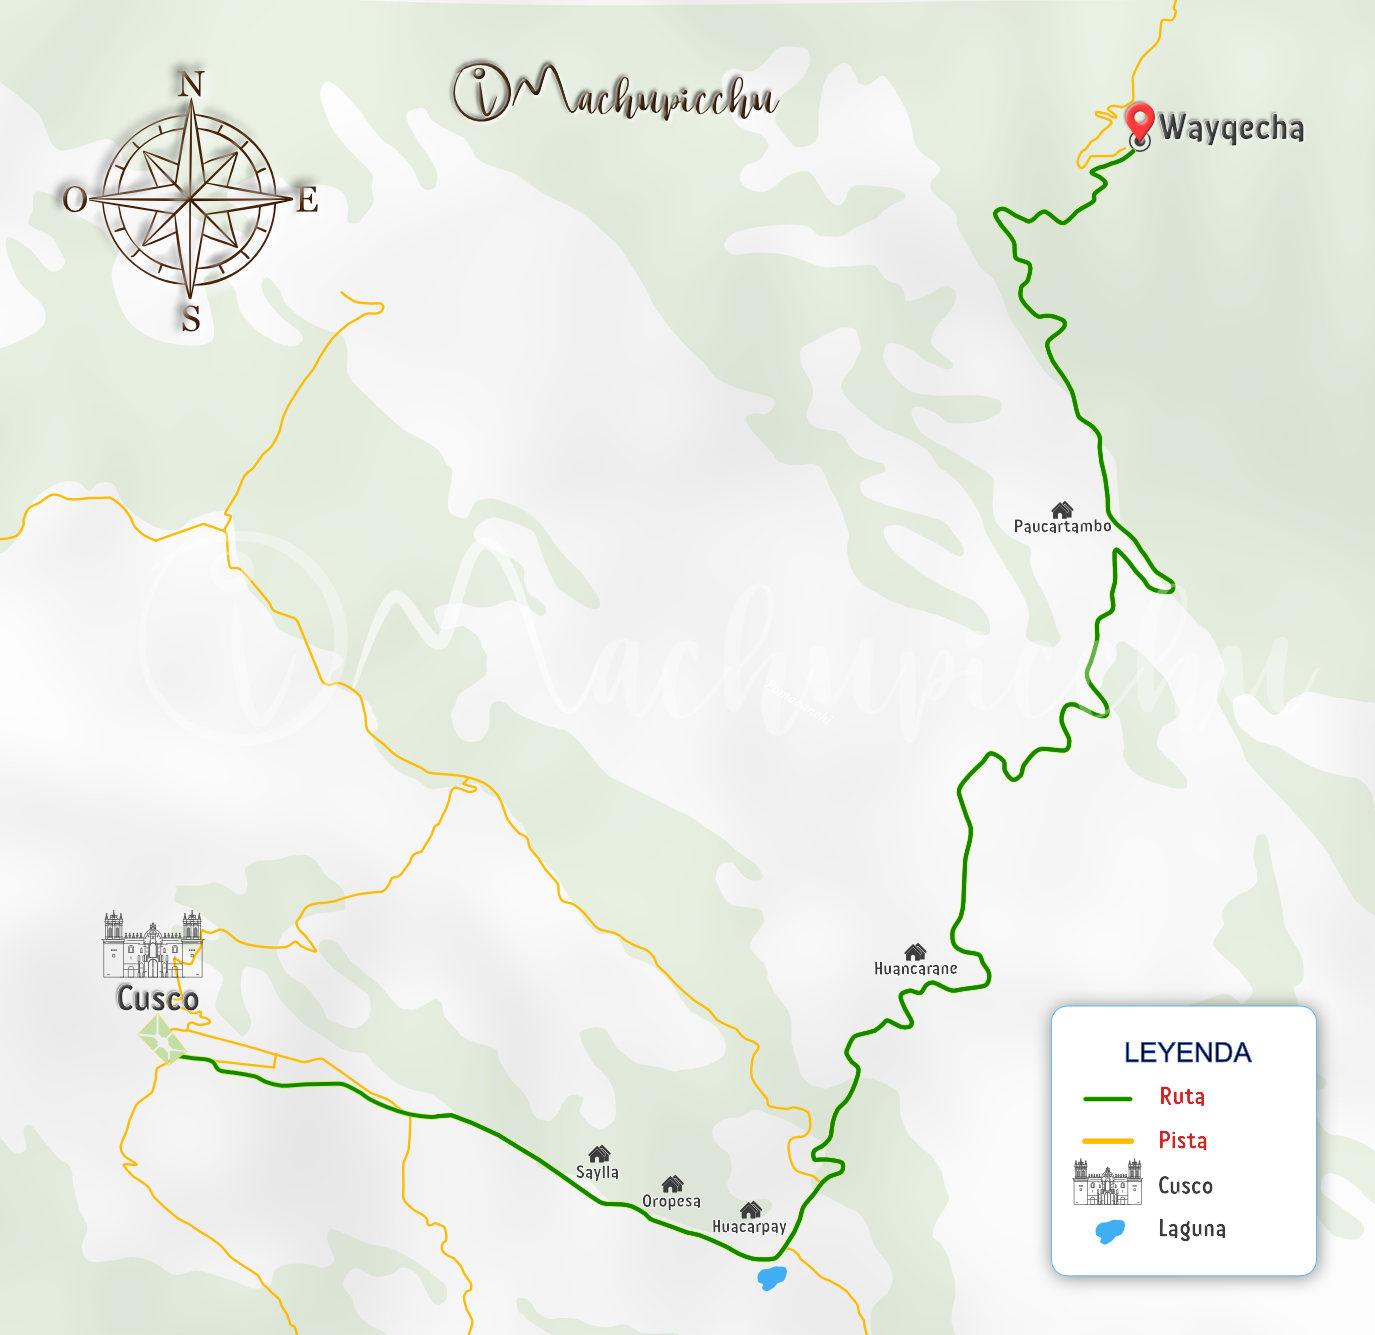 Mapa Wayqecha